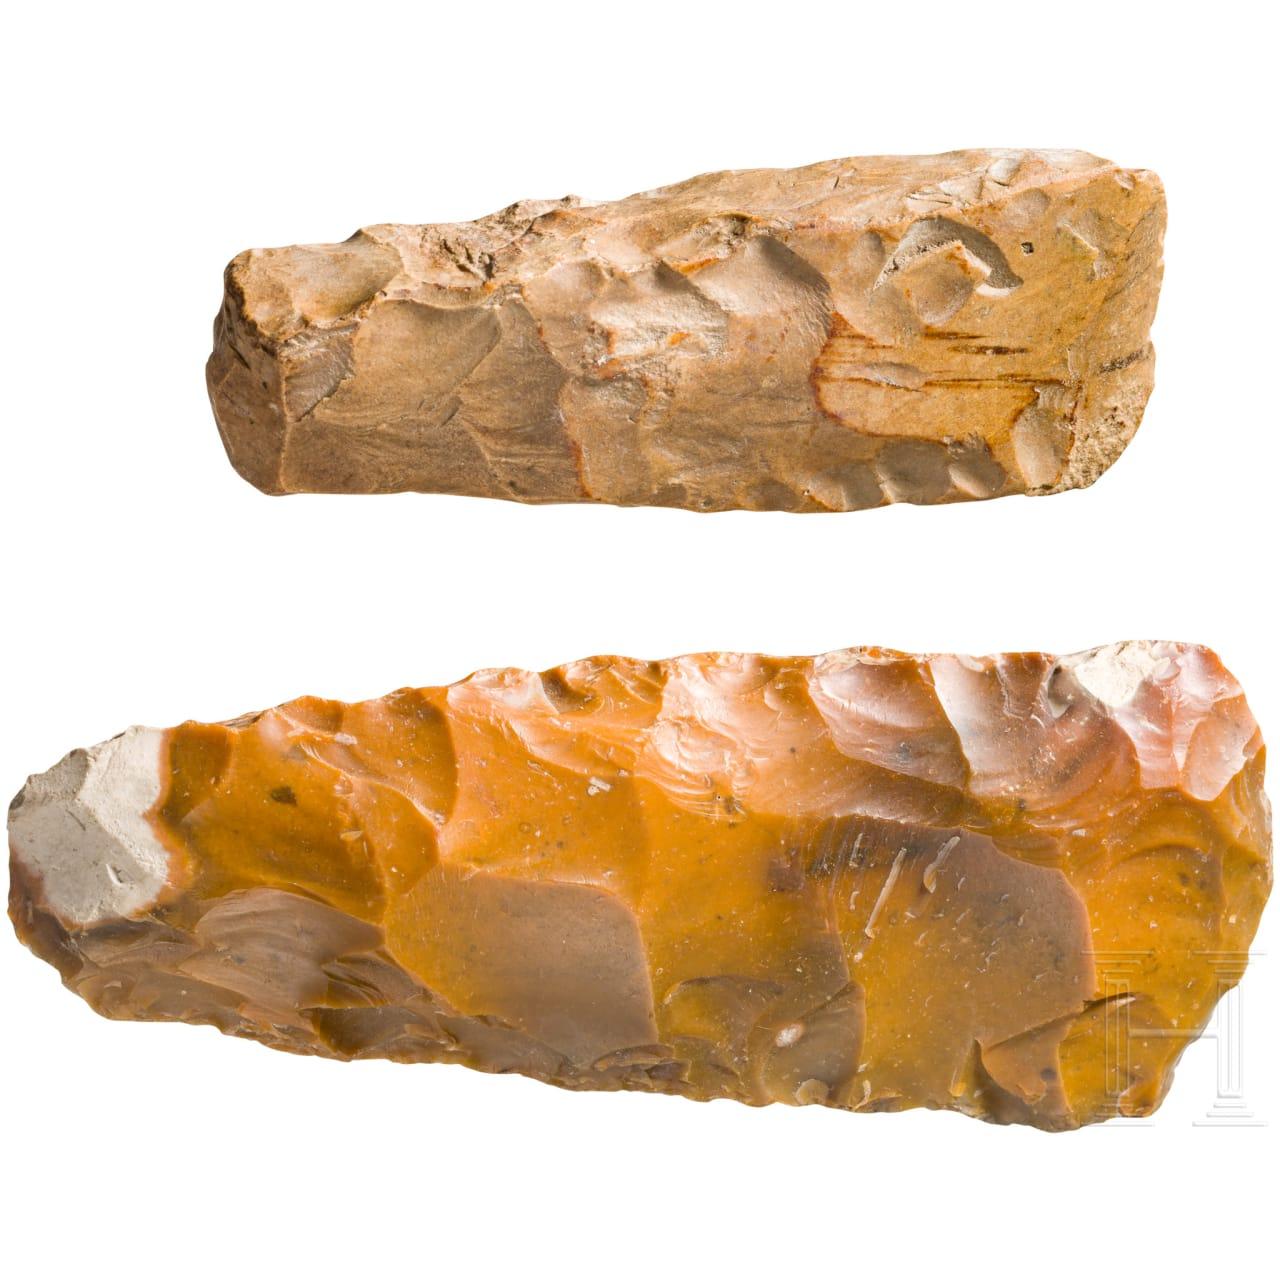 Zwei Nackenbeile, Ostseeraum, 3. Jtsd. v. Chr.